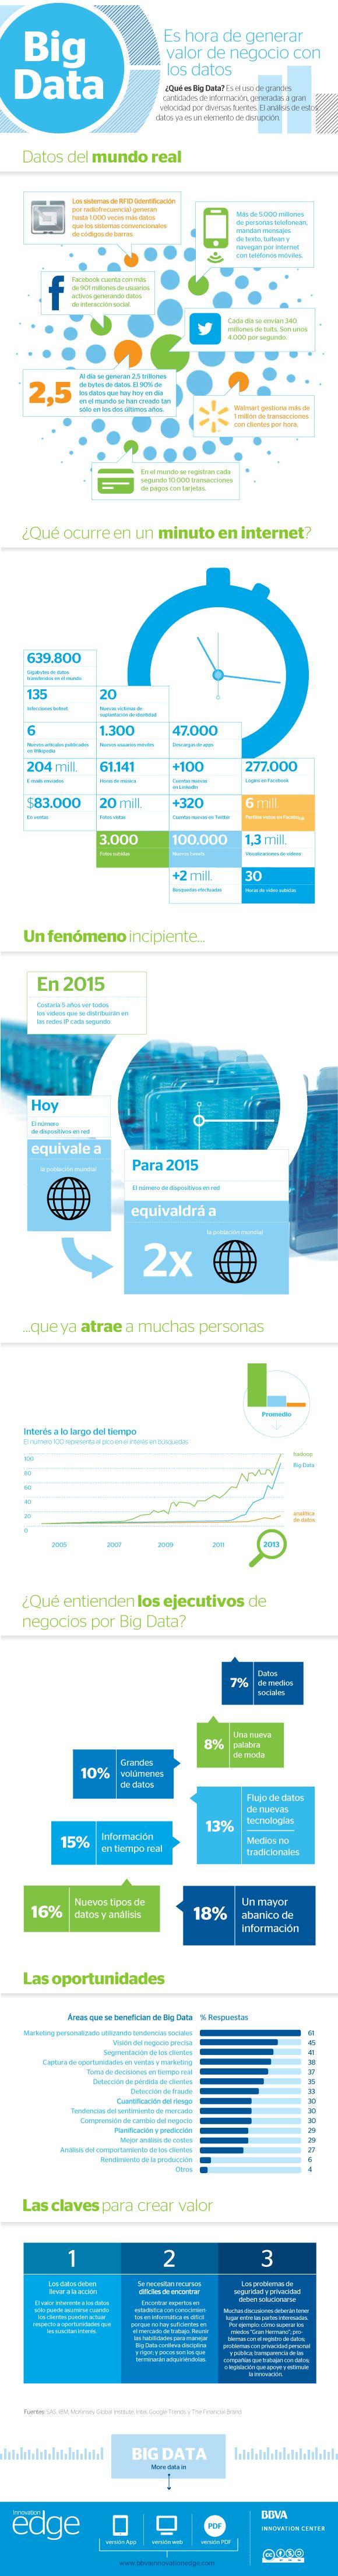 Es hora de generar valor con los datos (Big Data) #infografia